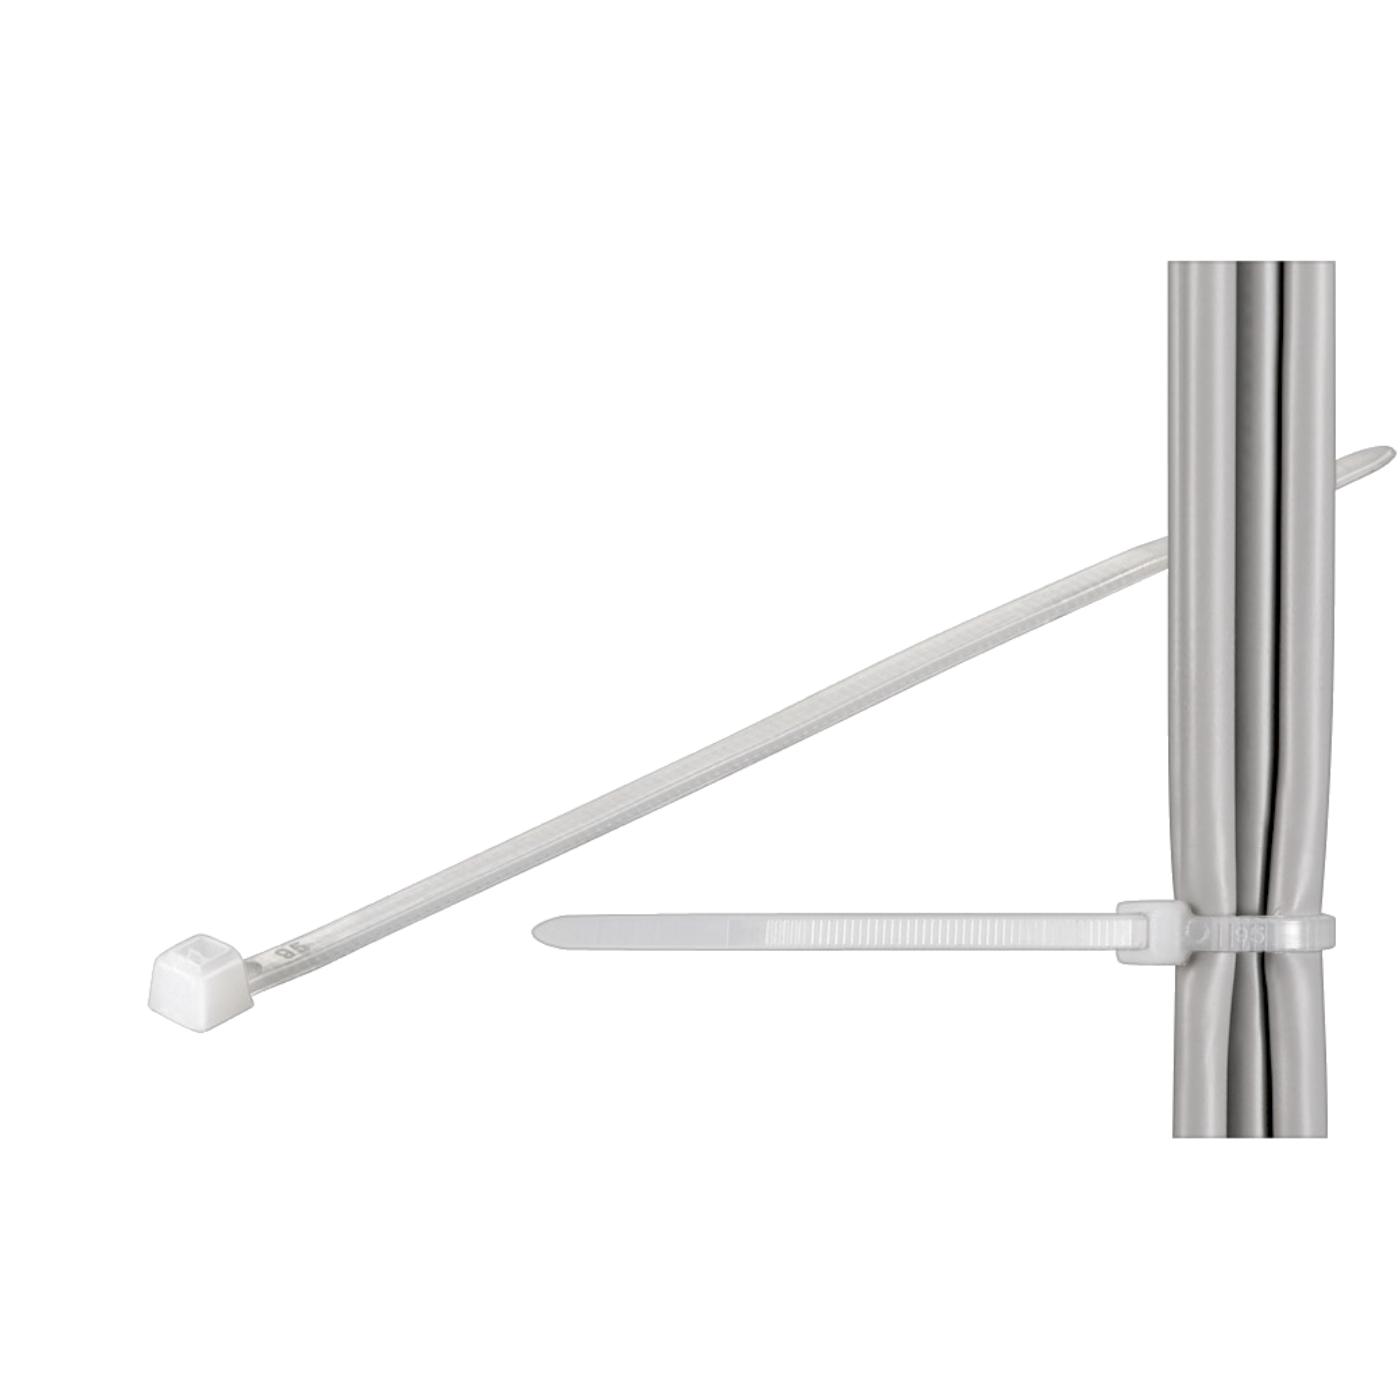 Plastične vezice 3.6 x 140, pak. 100 kom.